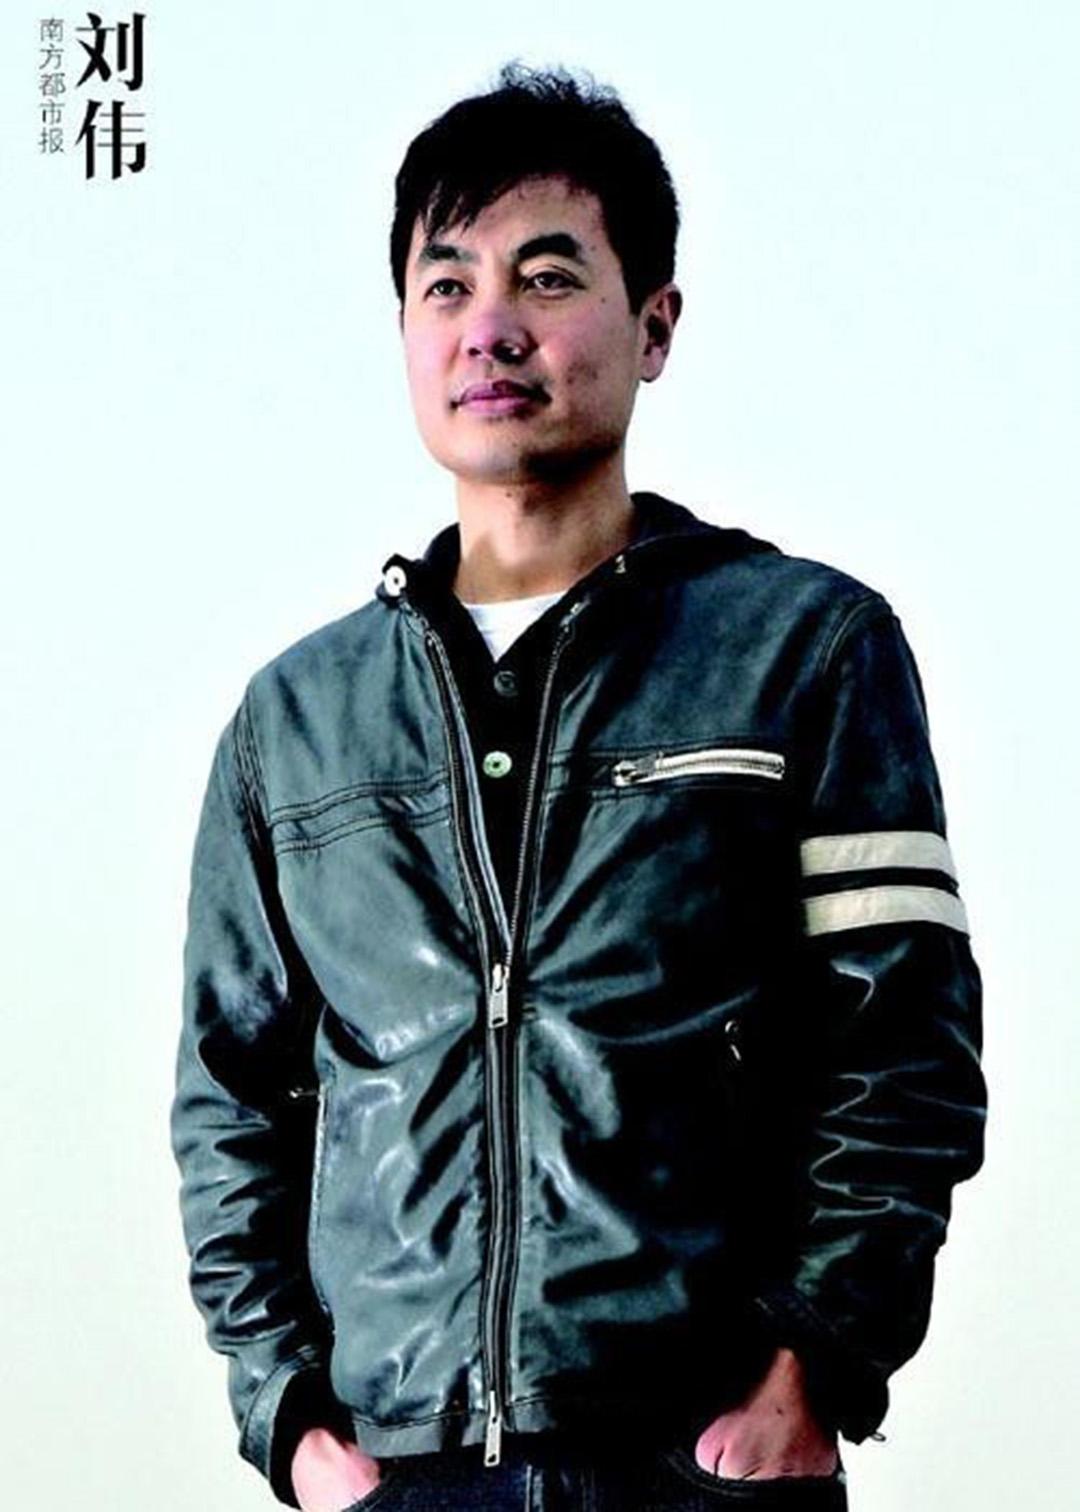 南方都市報記者劉偉。南方都市報圖片